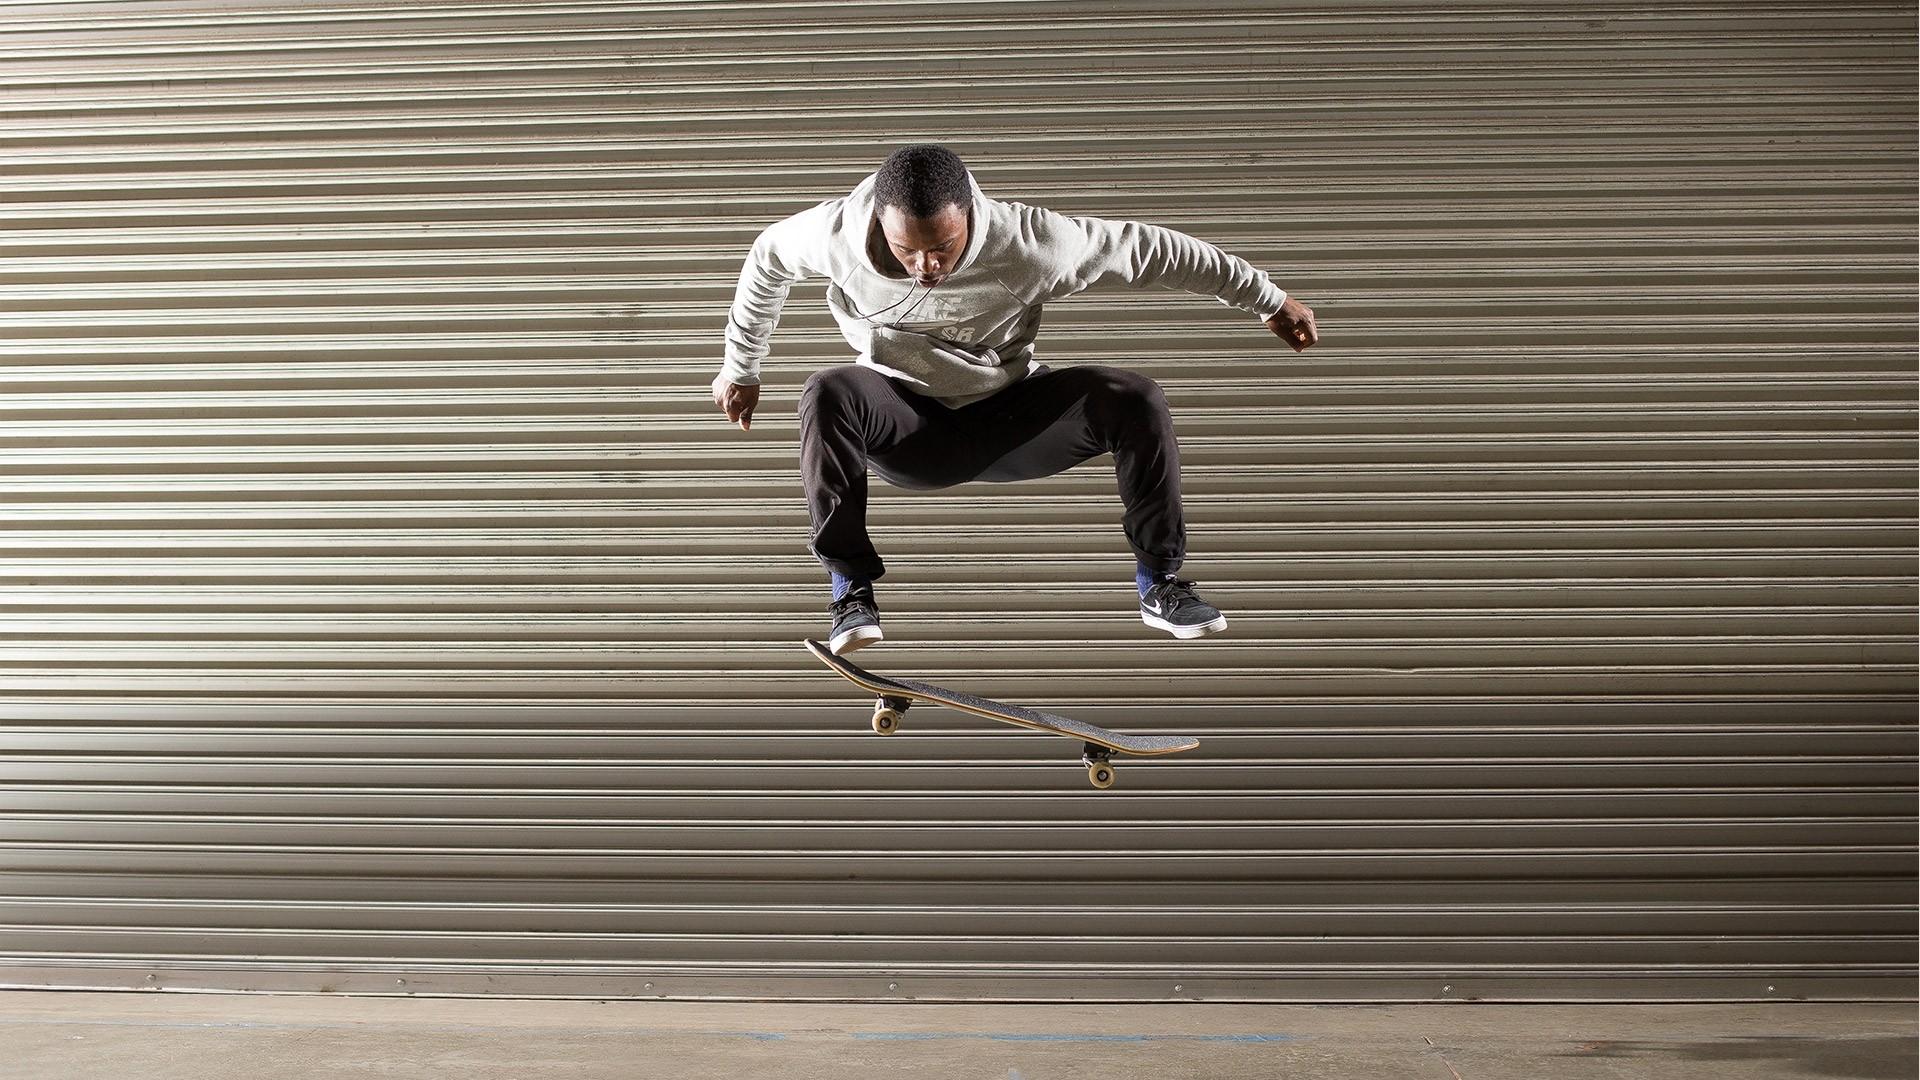 Skateboard Wallpaper for pc